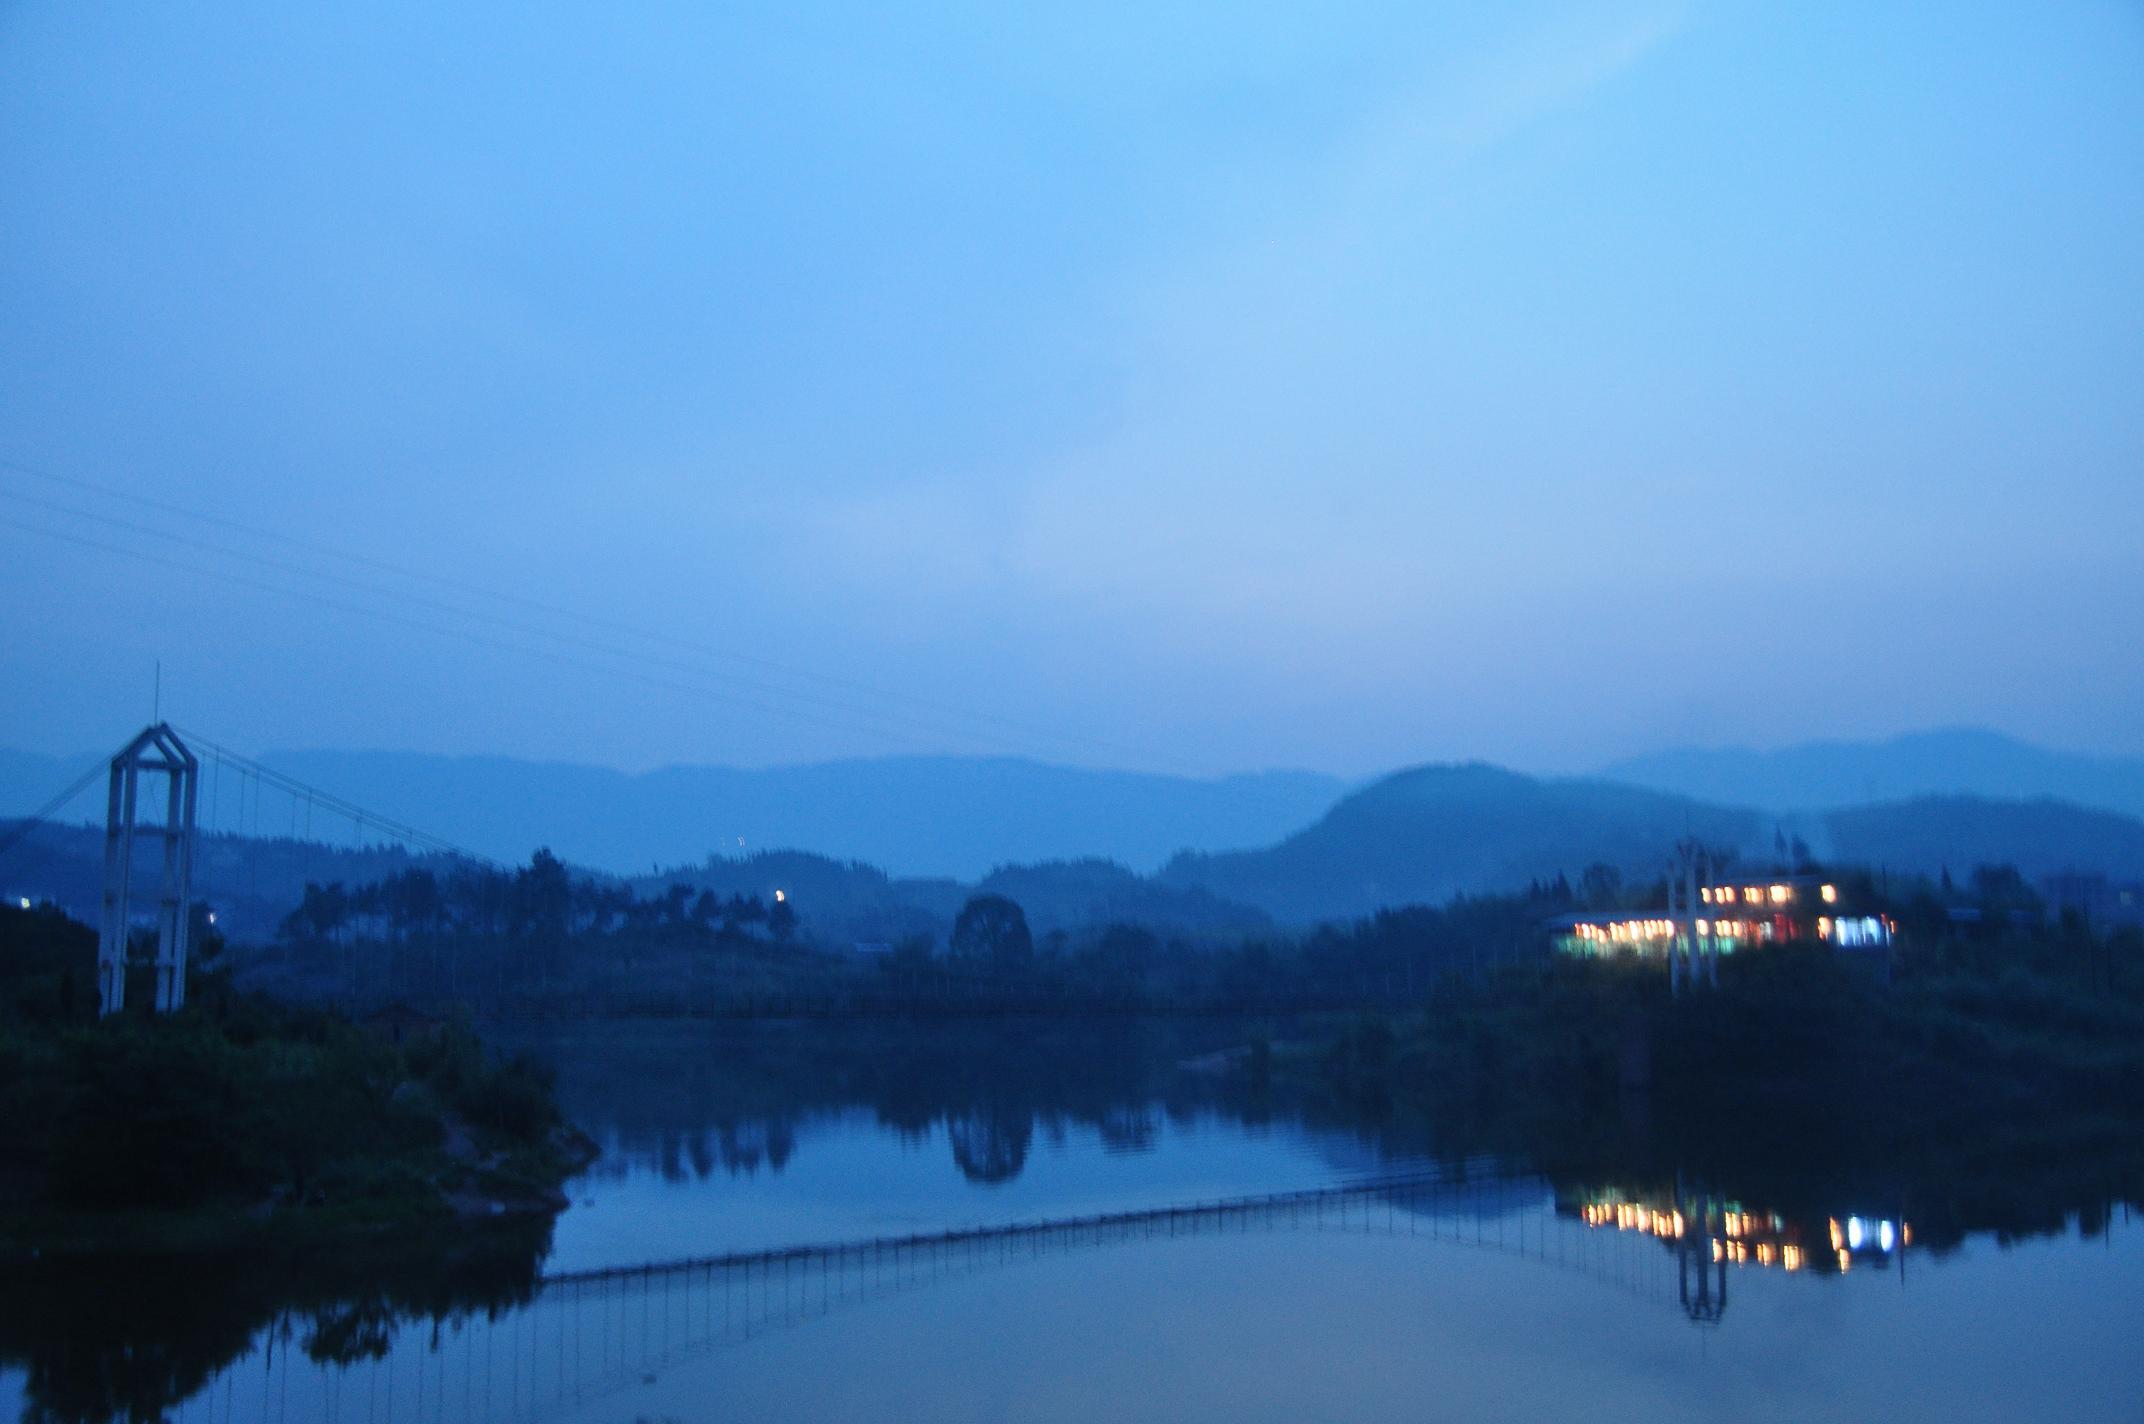 暮色下的莲花湖 - 今日达州 - 凤凰山下 - www.dz19.